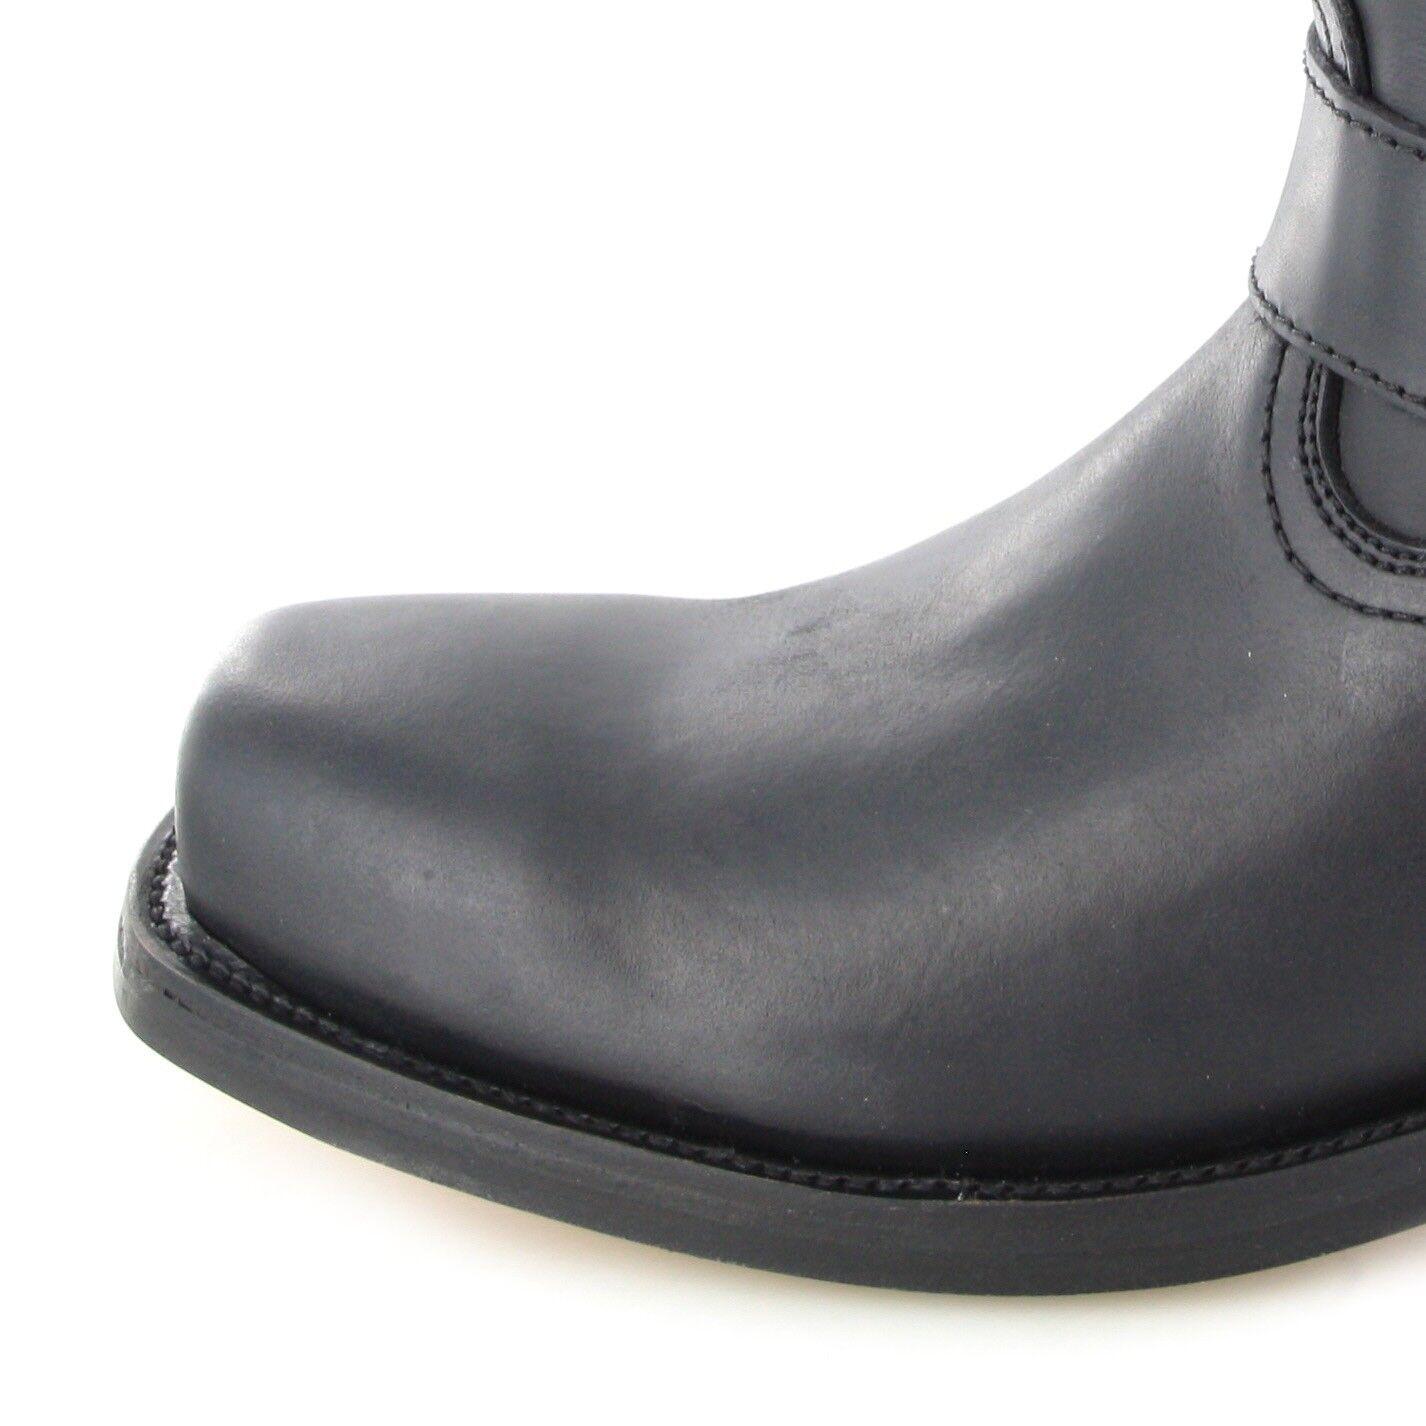 Buffalo stivali 1801 nero signore e e e signori Biker Stivali Nero Biker 12207c